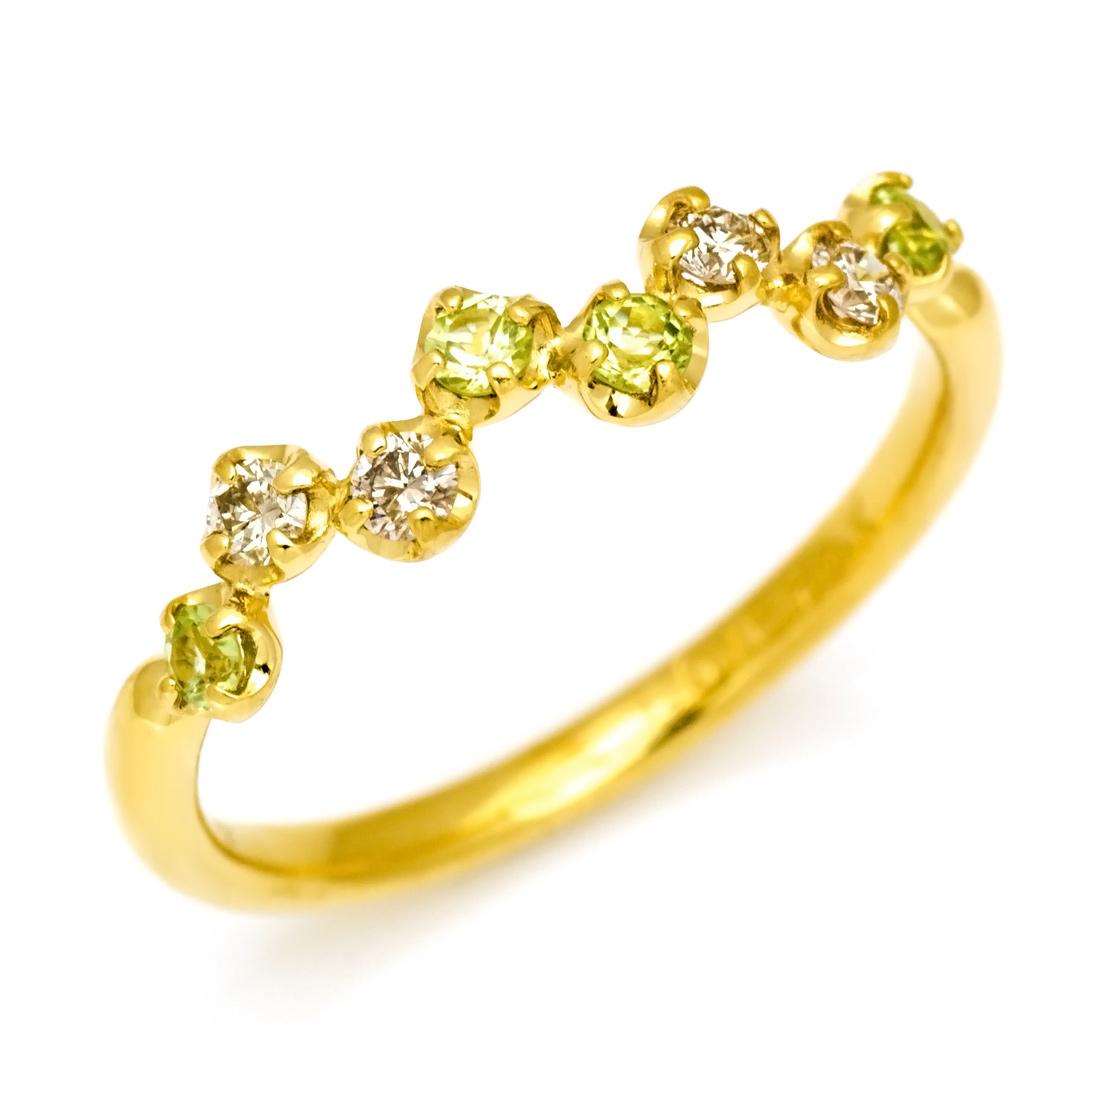 【GWクーポン配布中】K18 ダイヤモンド ペリドットリング 「stellato」送料無料 指輪 ダイアモンド ゴールド 18K 18金 誕生日 8月誕生石 刻印 文字入れ メッセージ ギフト 贈り物 ピンキーリング対応可能